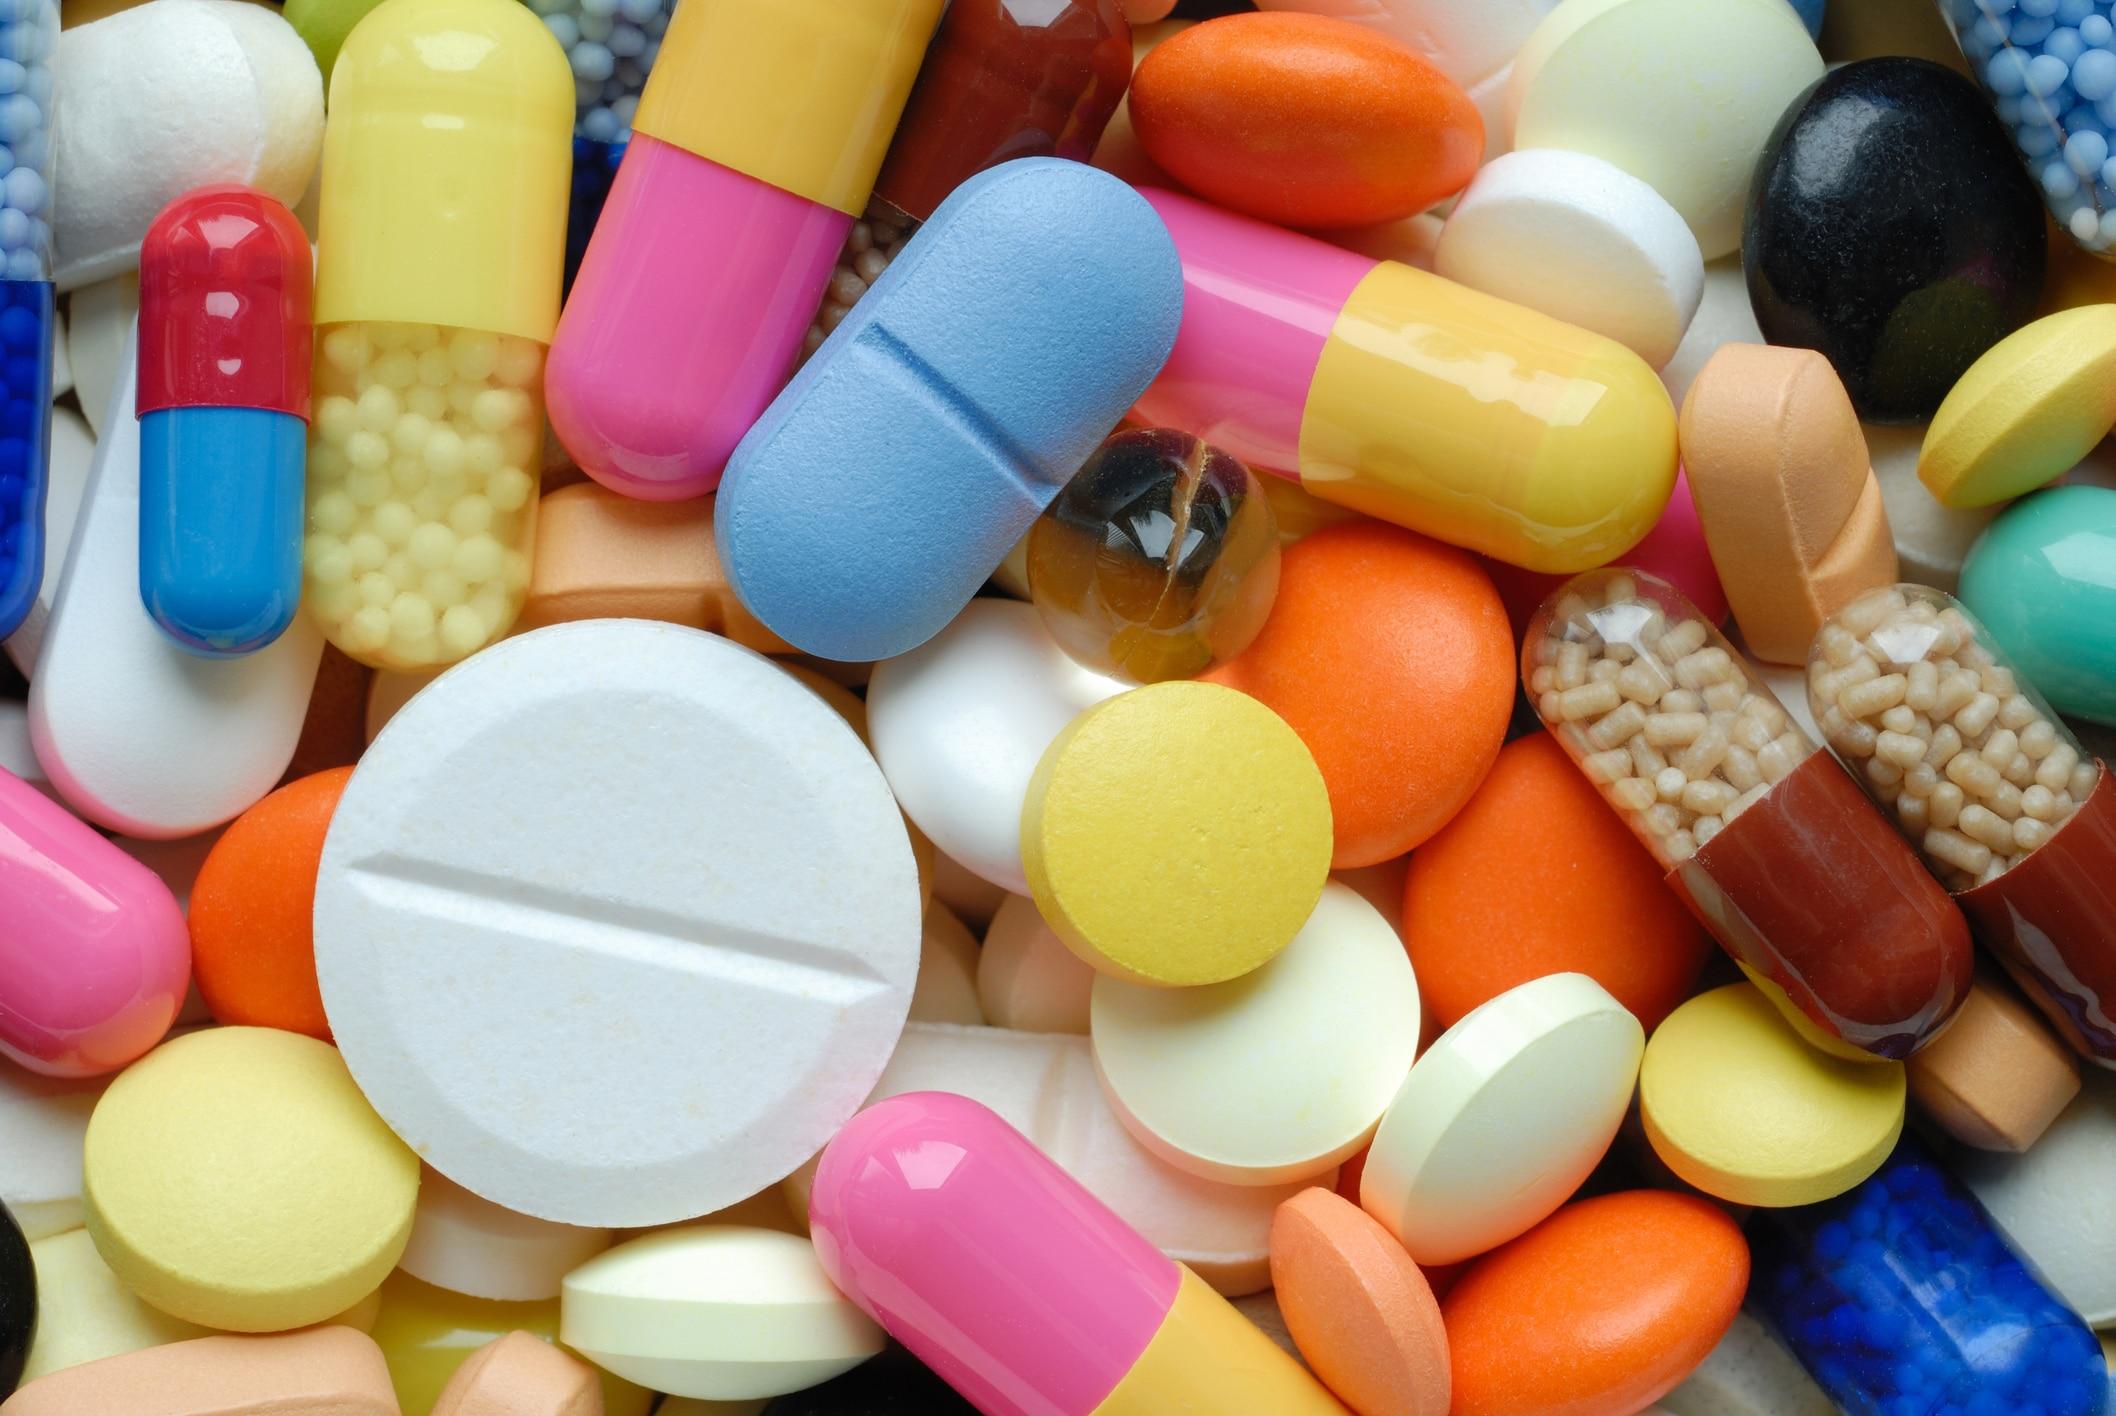 دواء فيروترون لعلاج الأنيميا